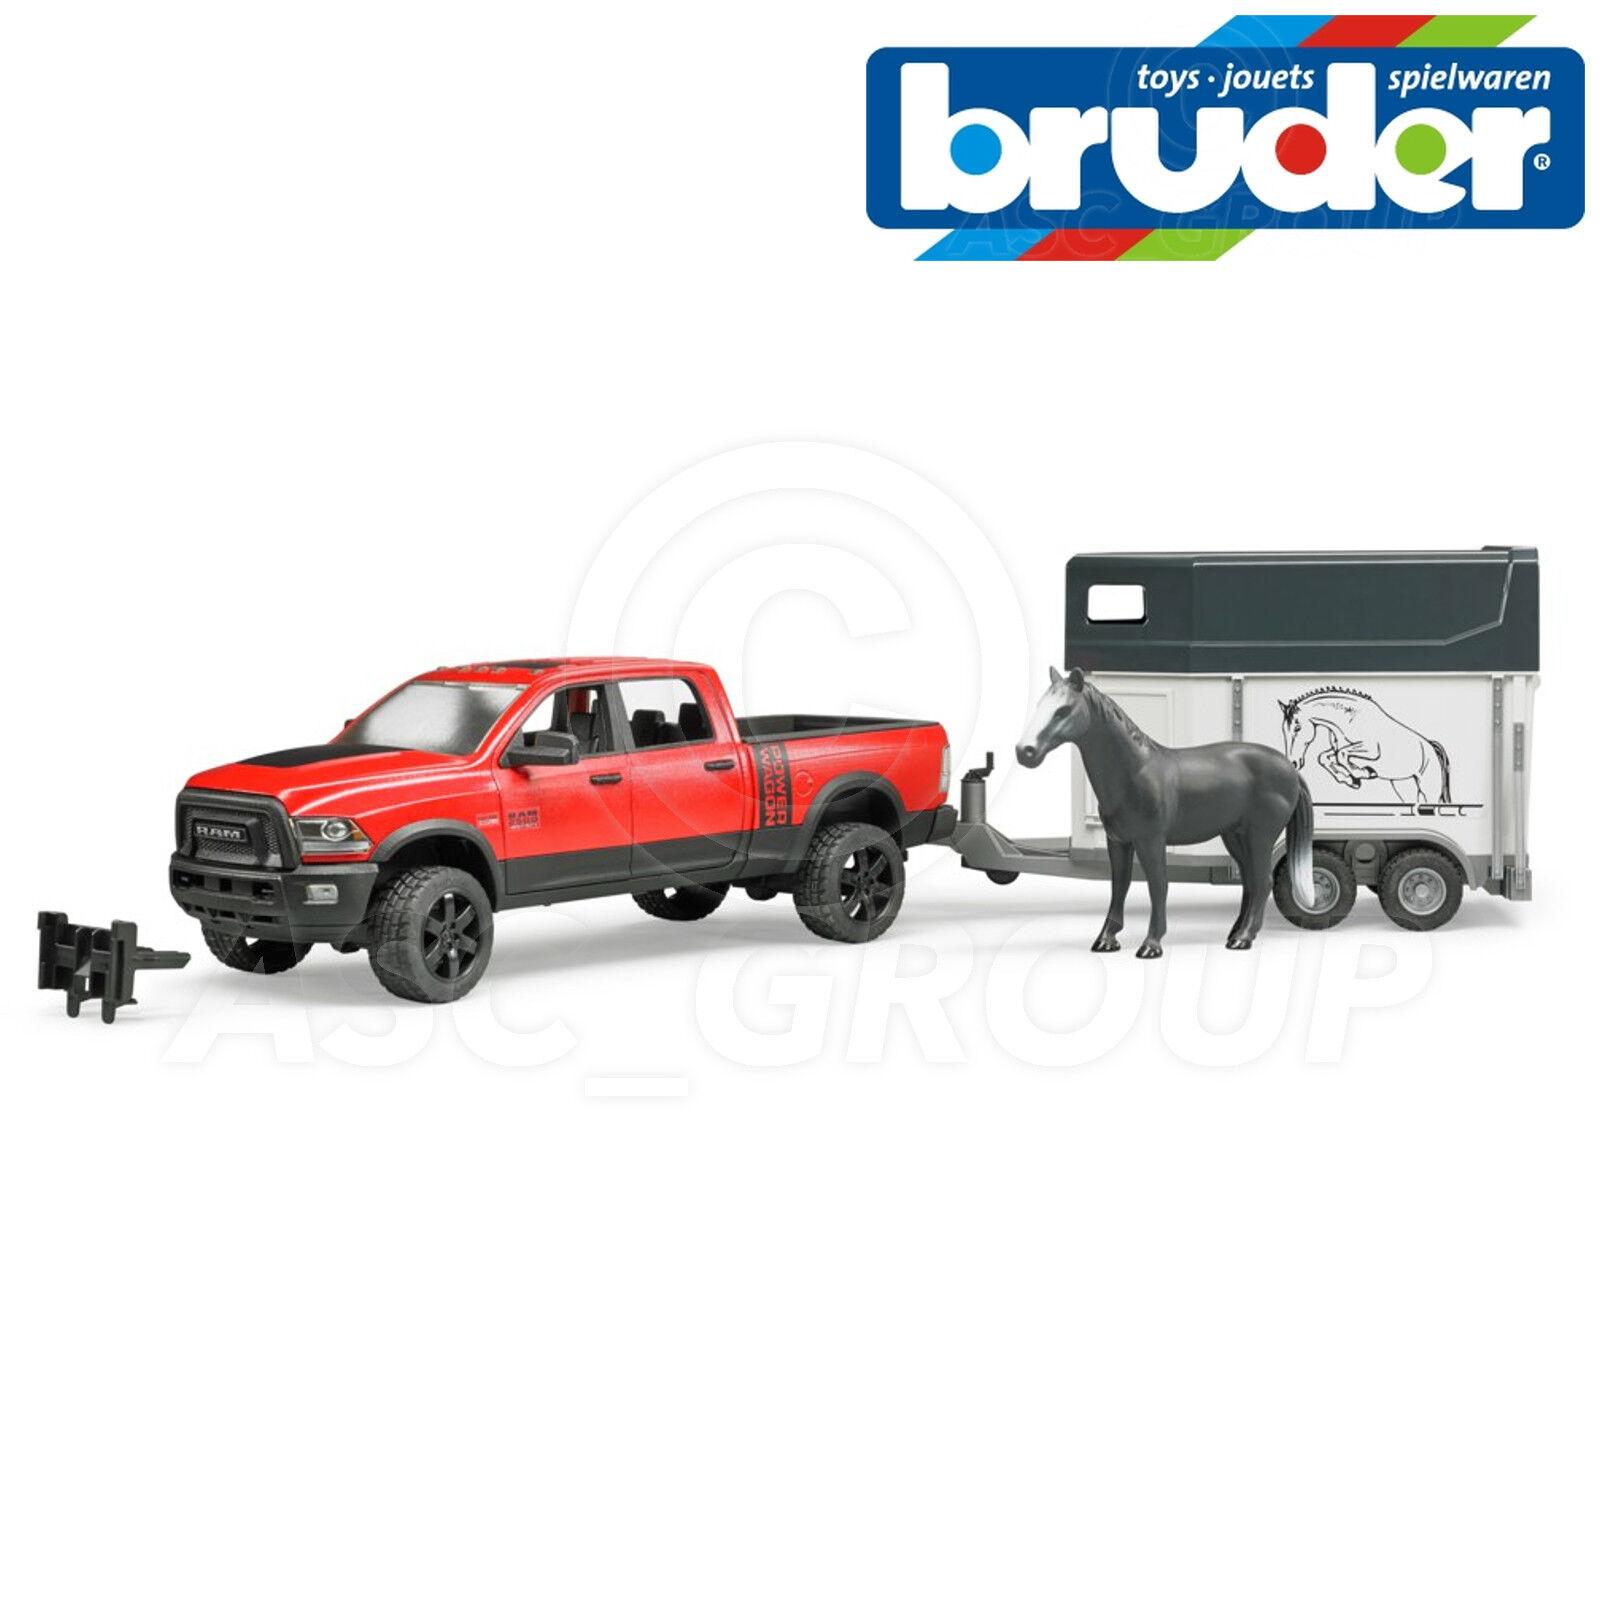 Bruder  Jouets 02501 Dodge Ram 2500 puissance Camionnette avec Cheval + Remorque  qualité pas cher et top